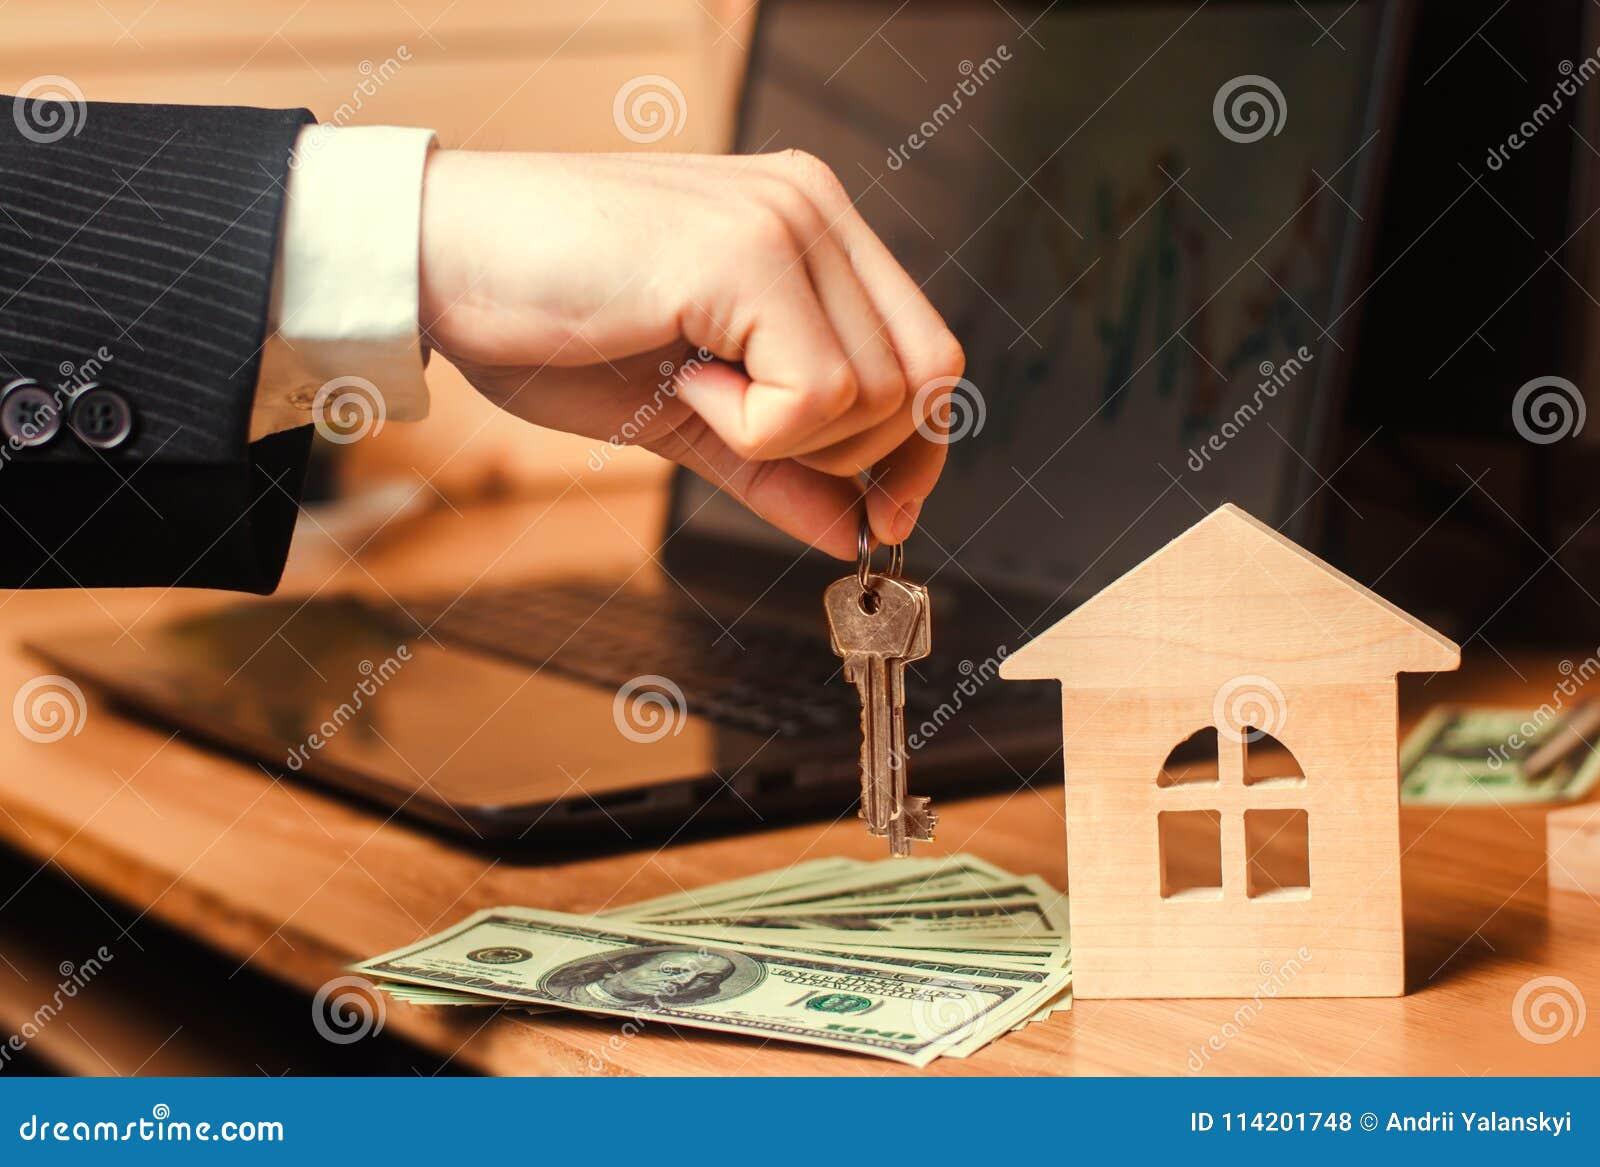 La mano lleva a cabo las llaves a la casa Concepto de propiedades inmobiliarias venta o alquiler de la vivienda, alquiler del apa